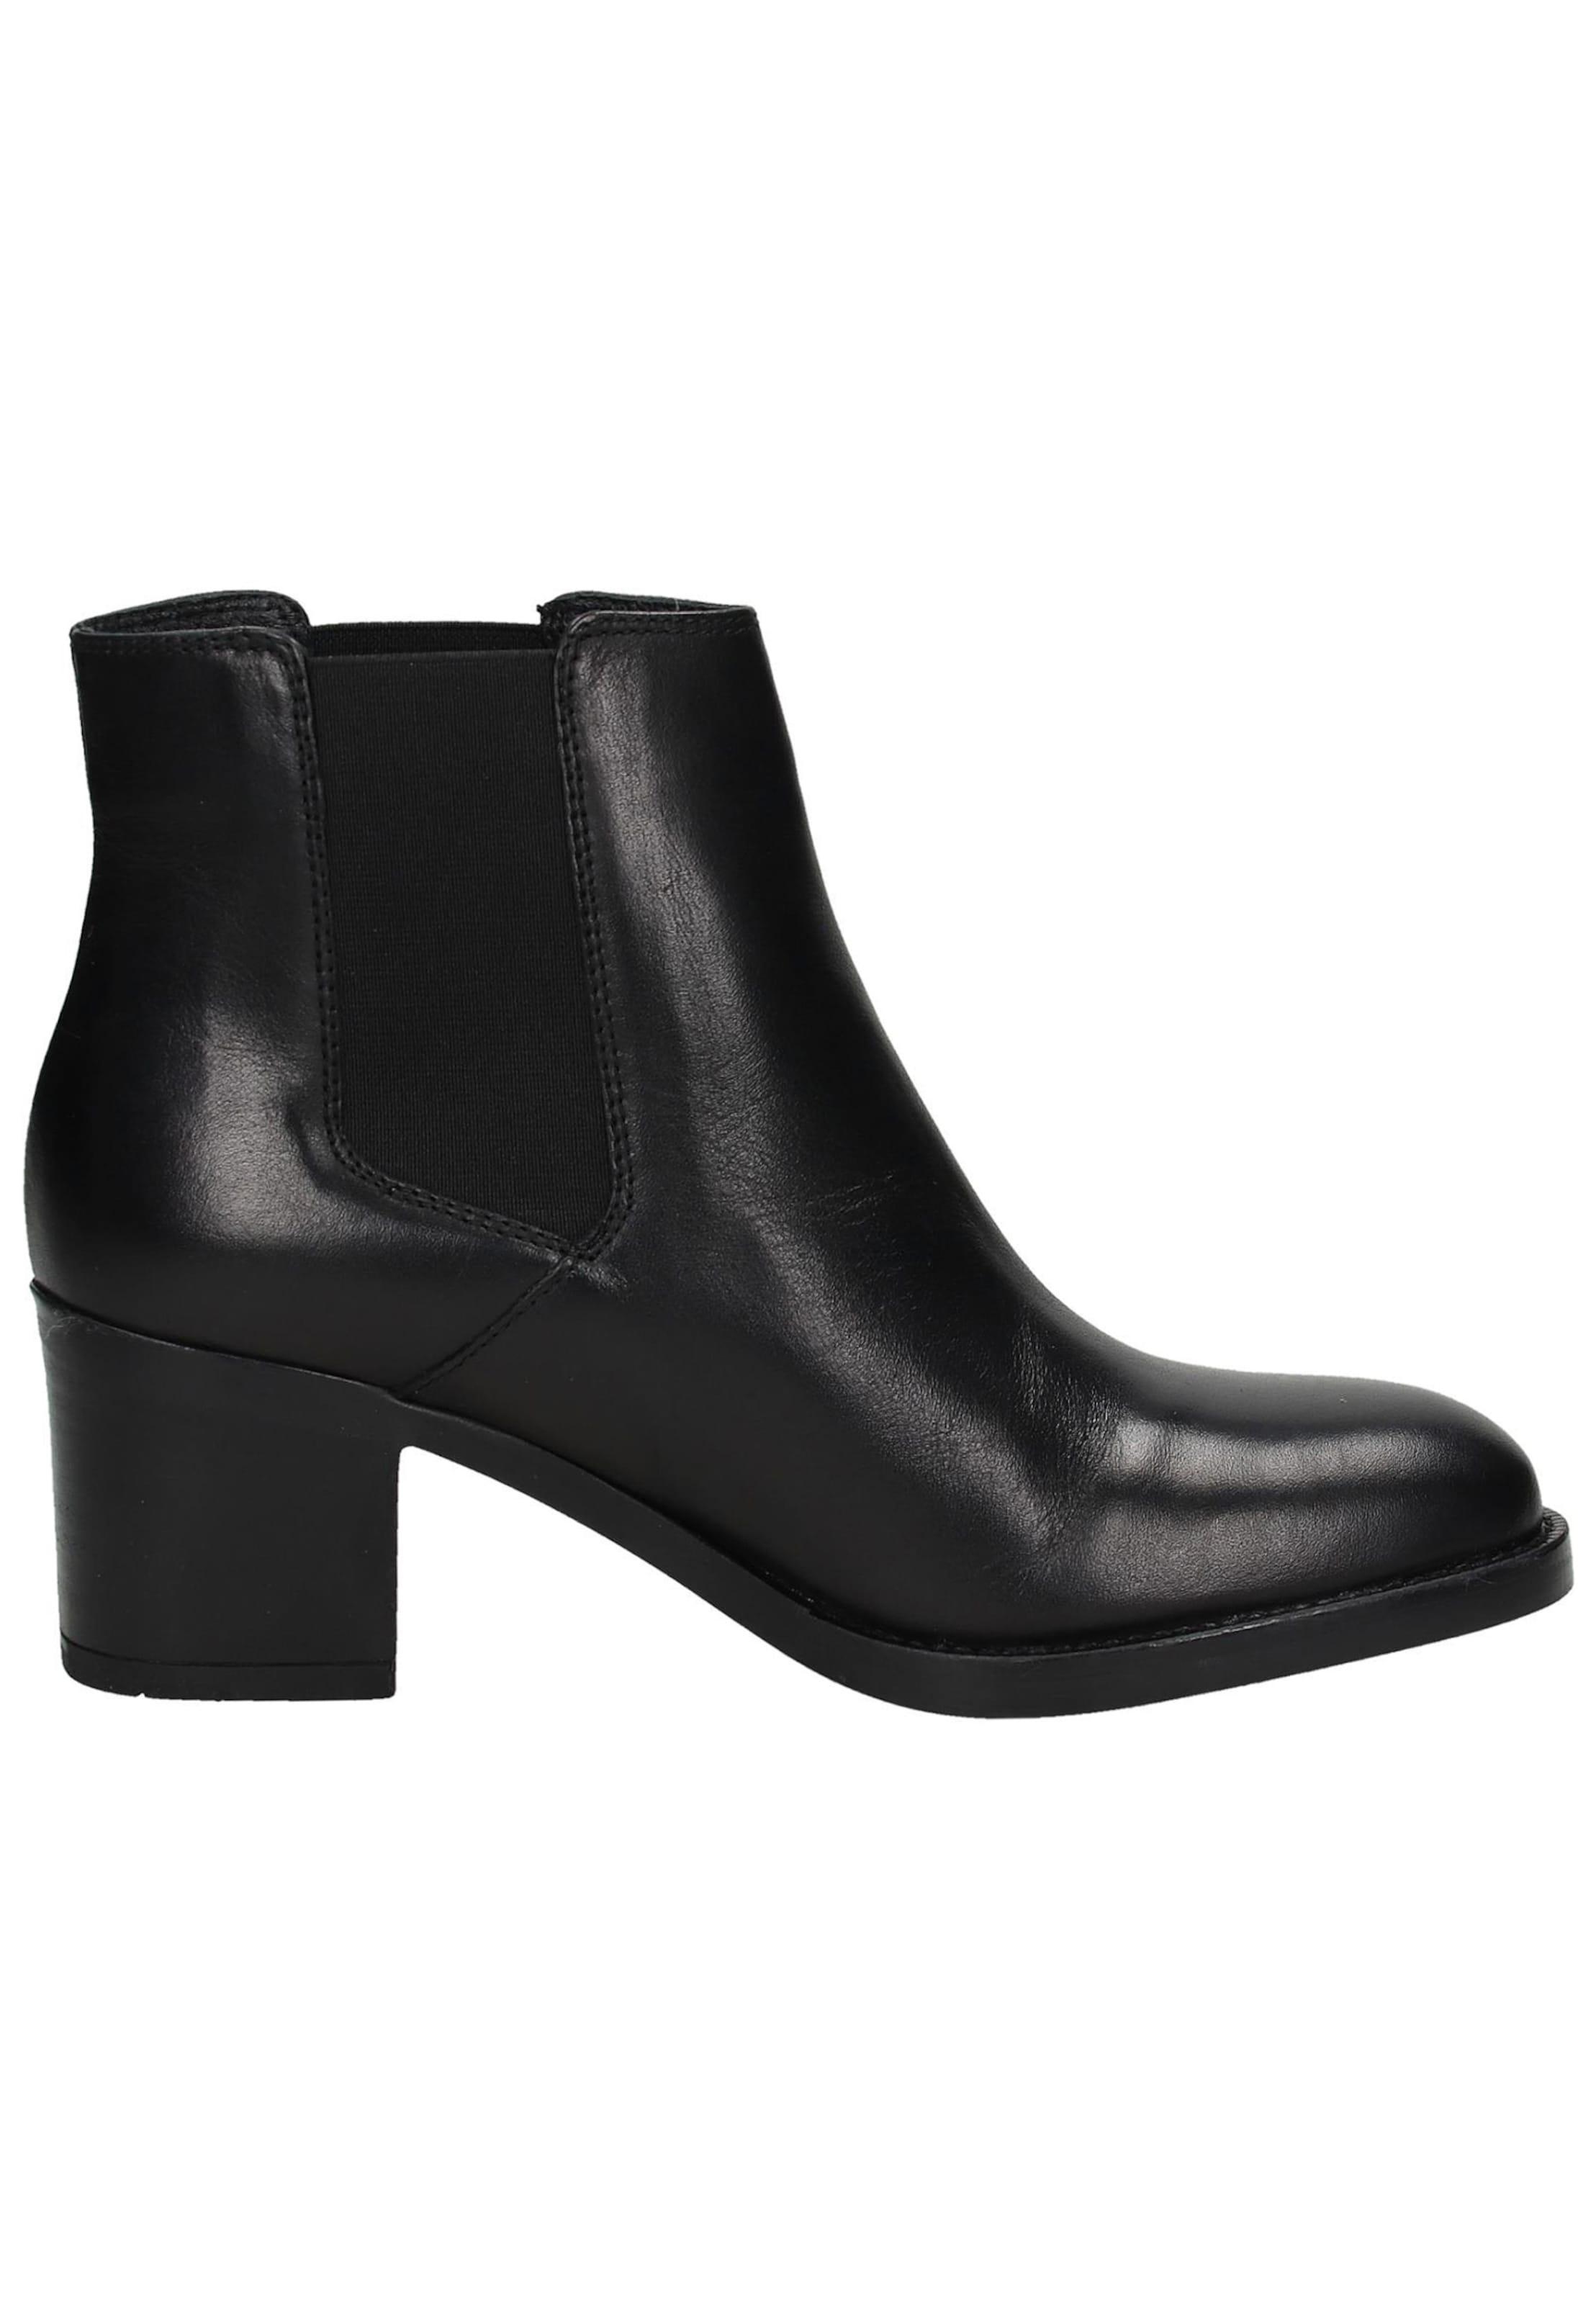 Noir Boots Bay' Clarks 'mascarpone Chelsea En 2DHWI9E